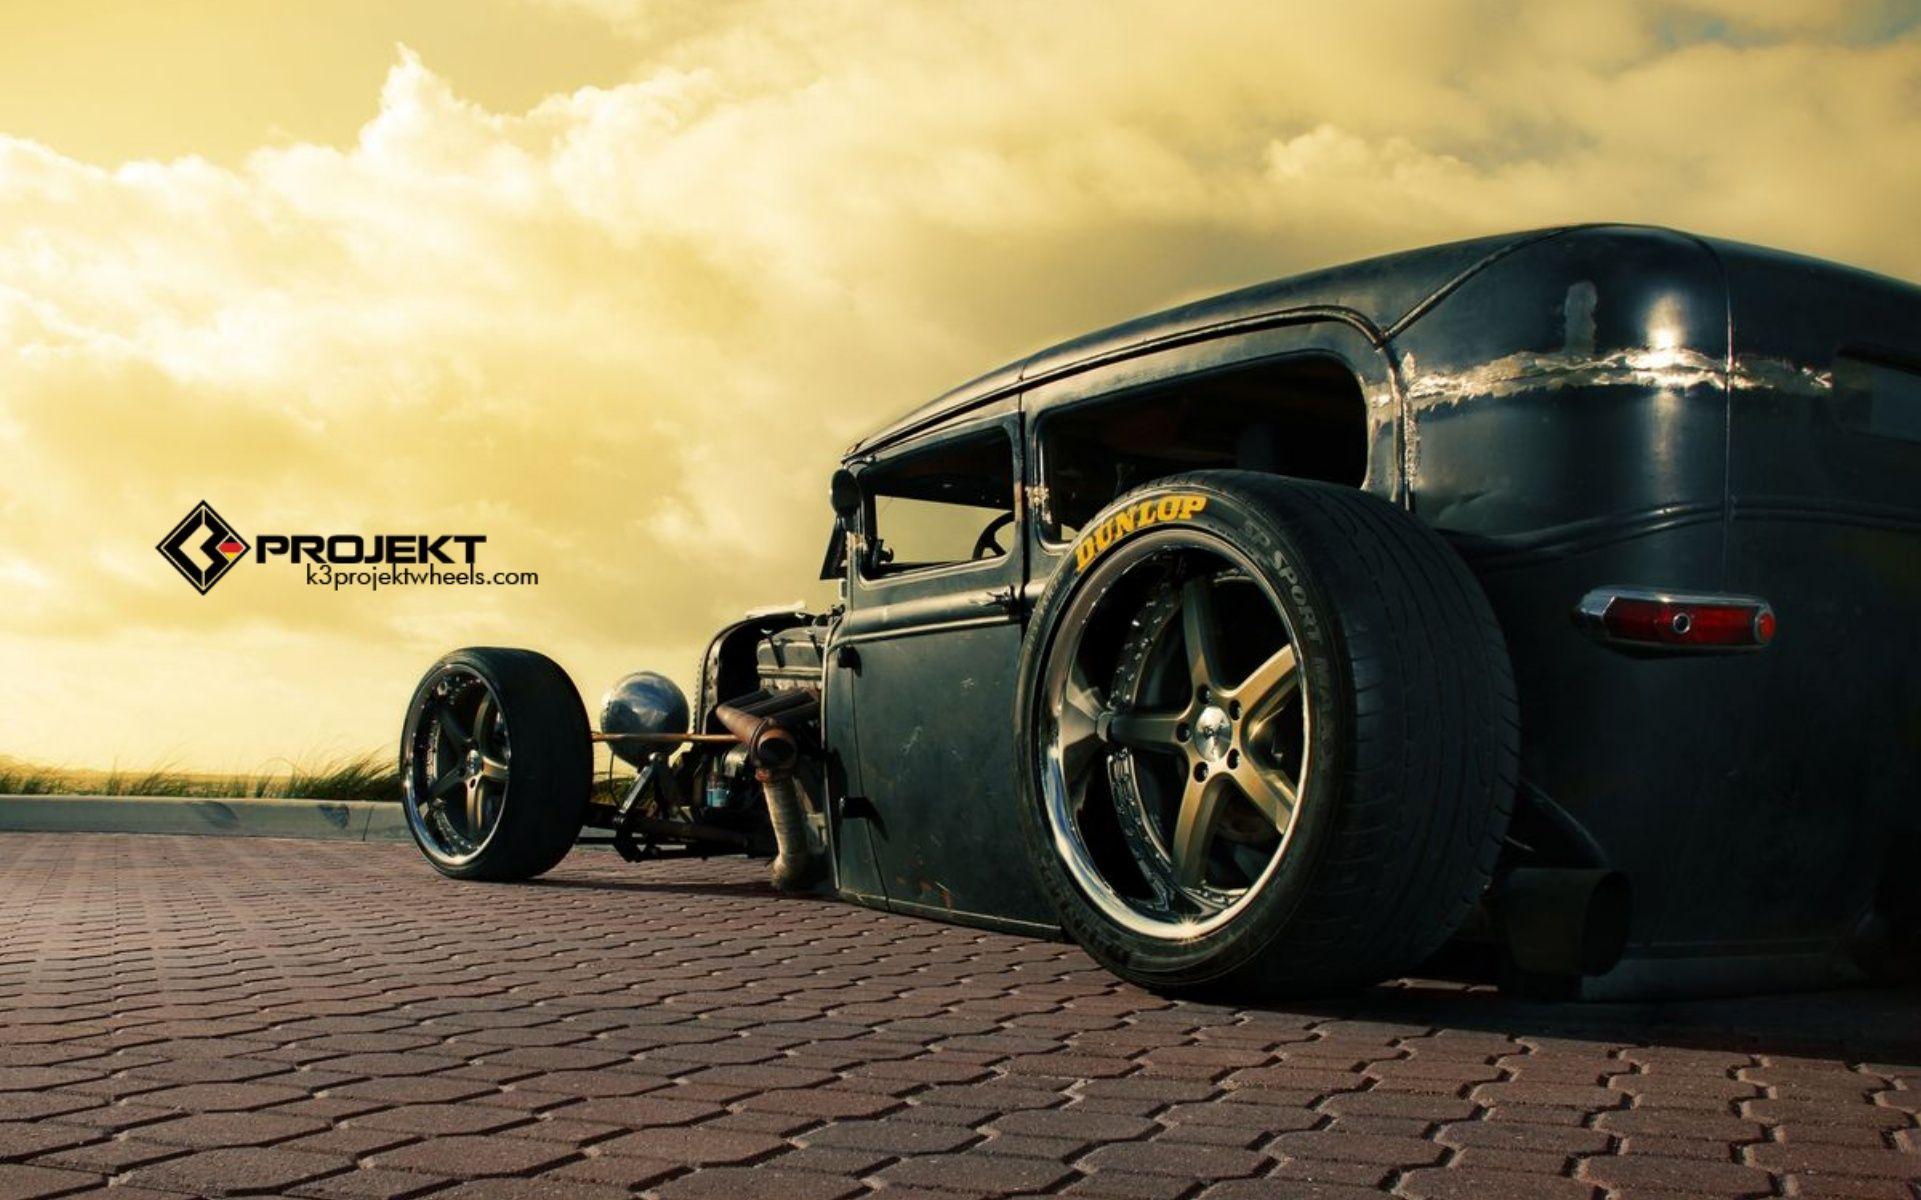 1931 K3 Projekt Ford Model Rat Rod Hot Rods Retro Wheel Wheels ...